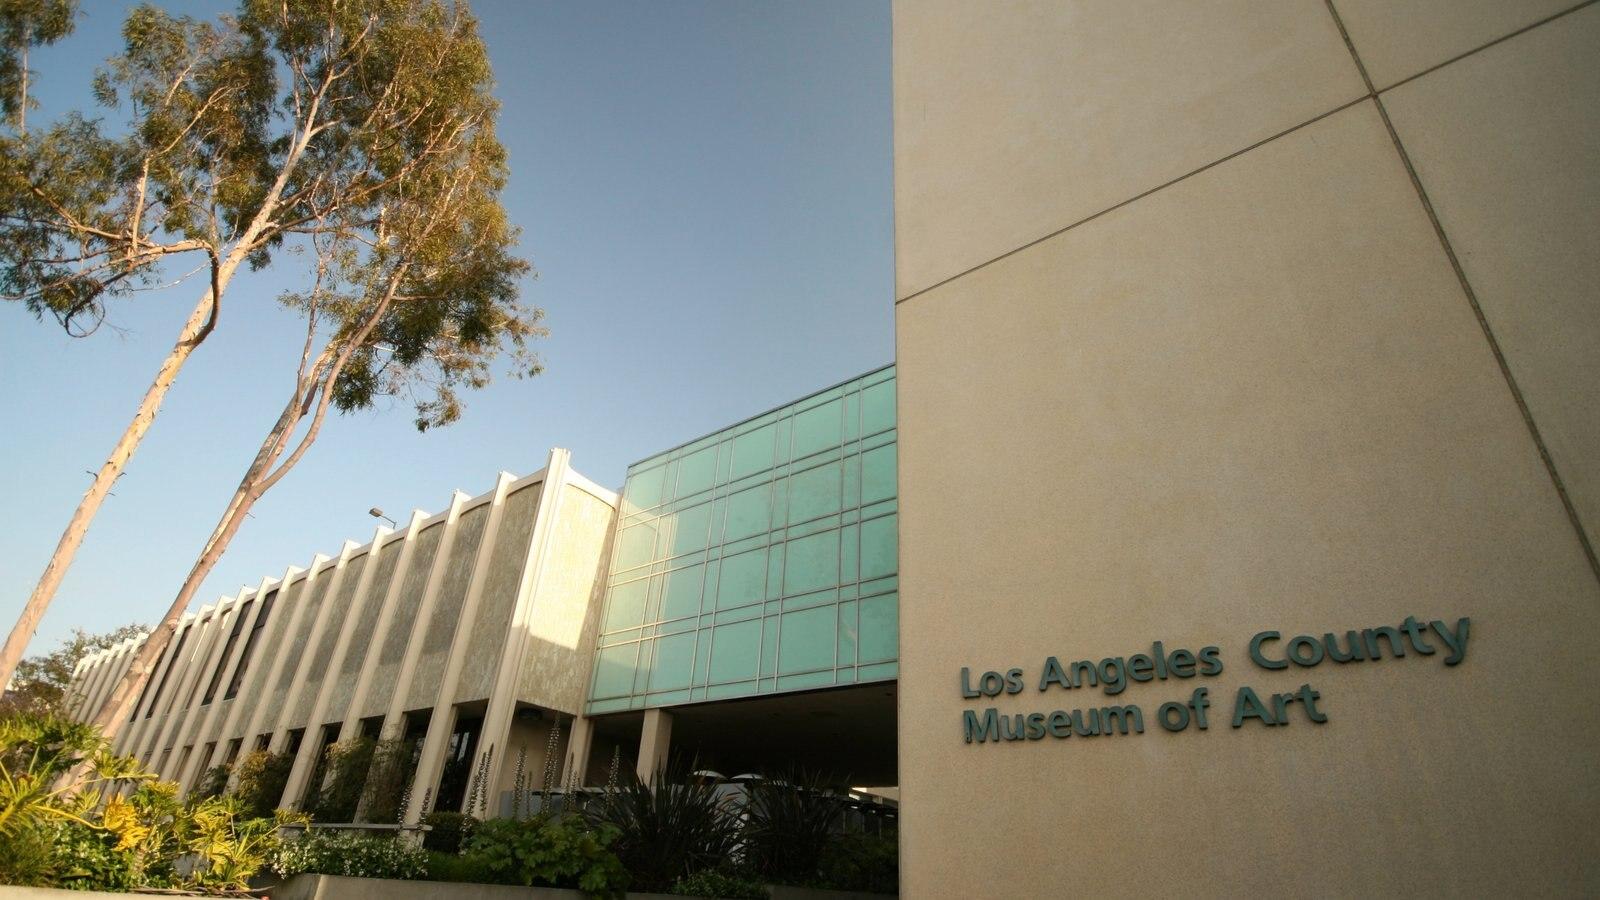 Museo de Arte del Condado de Los Ángeles mostrando arquitectura moderna